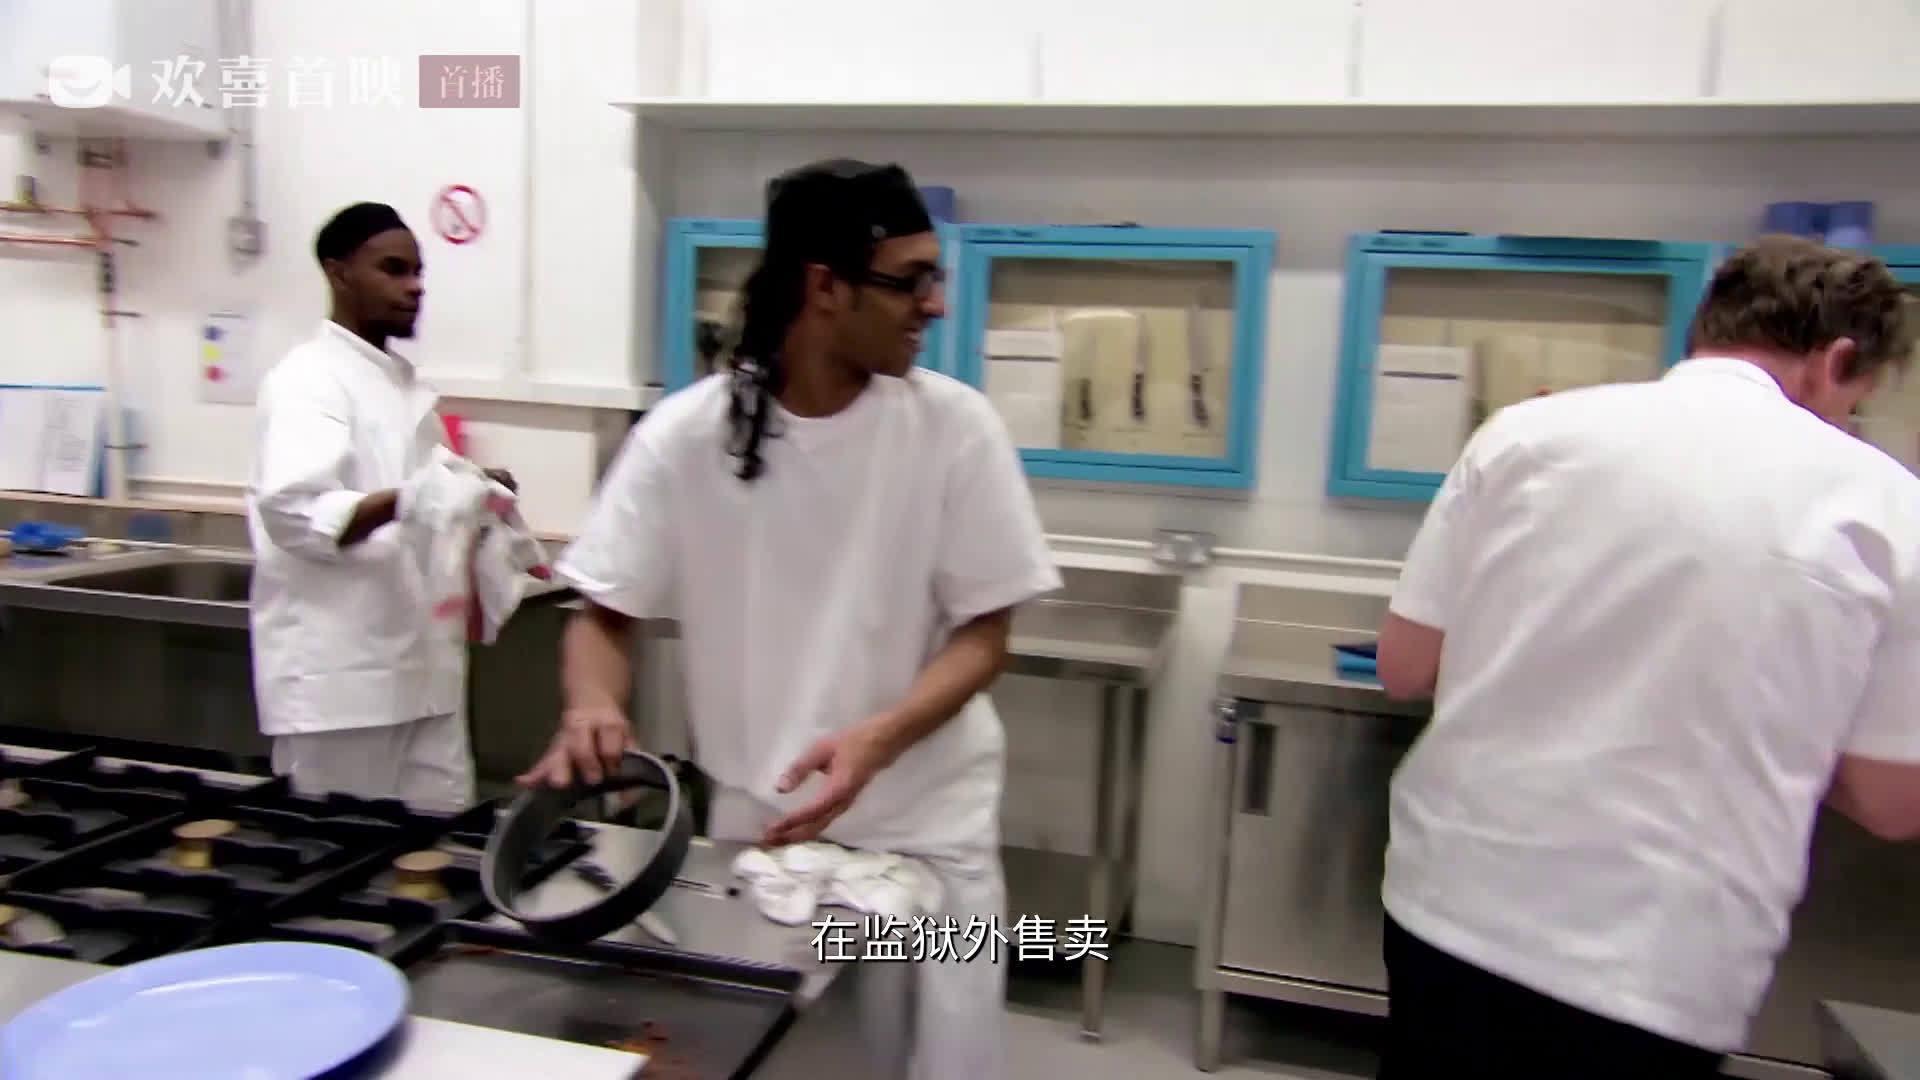 | 监狱里的犯人摇身一变,成为了烘焙厨师